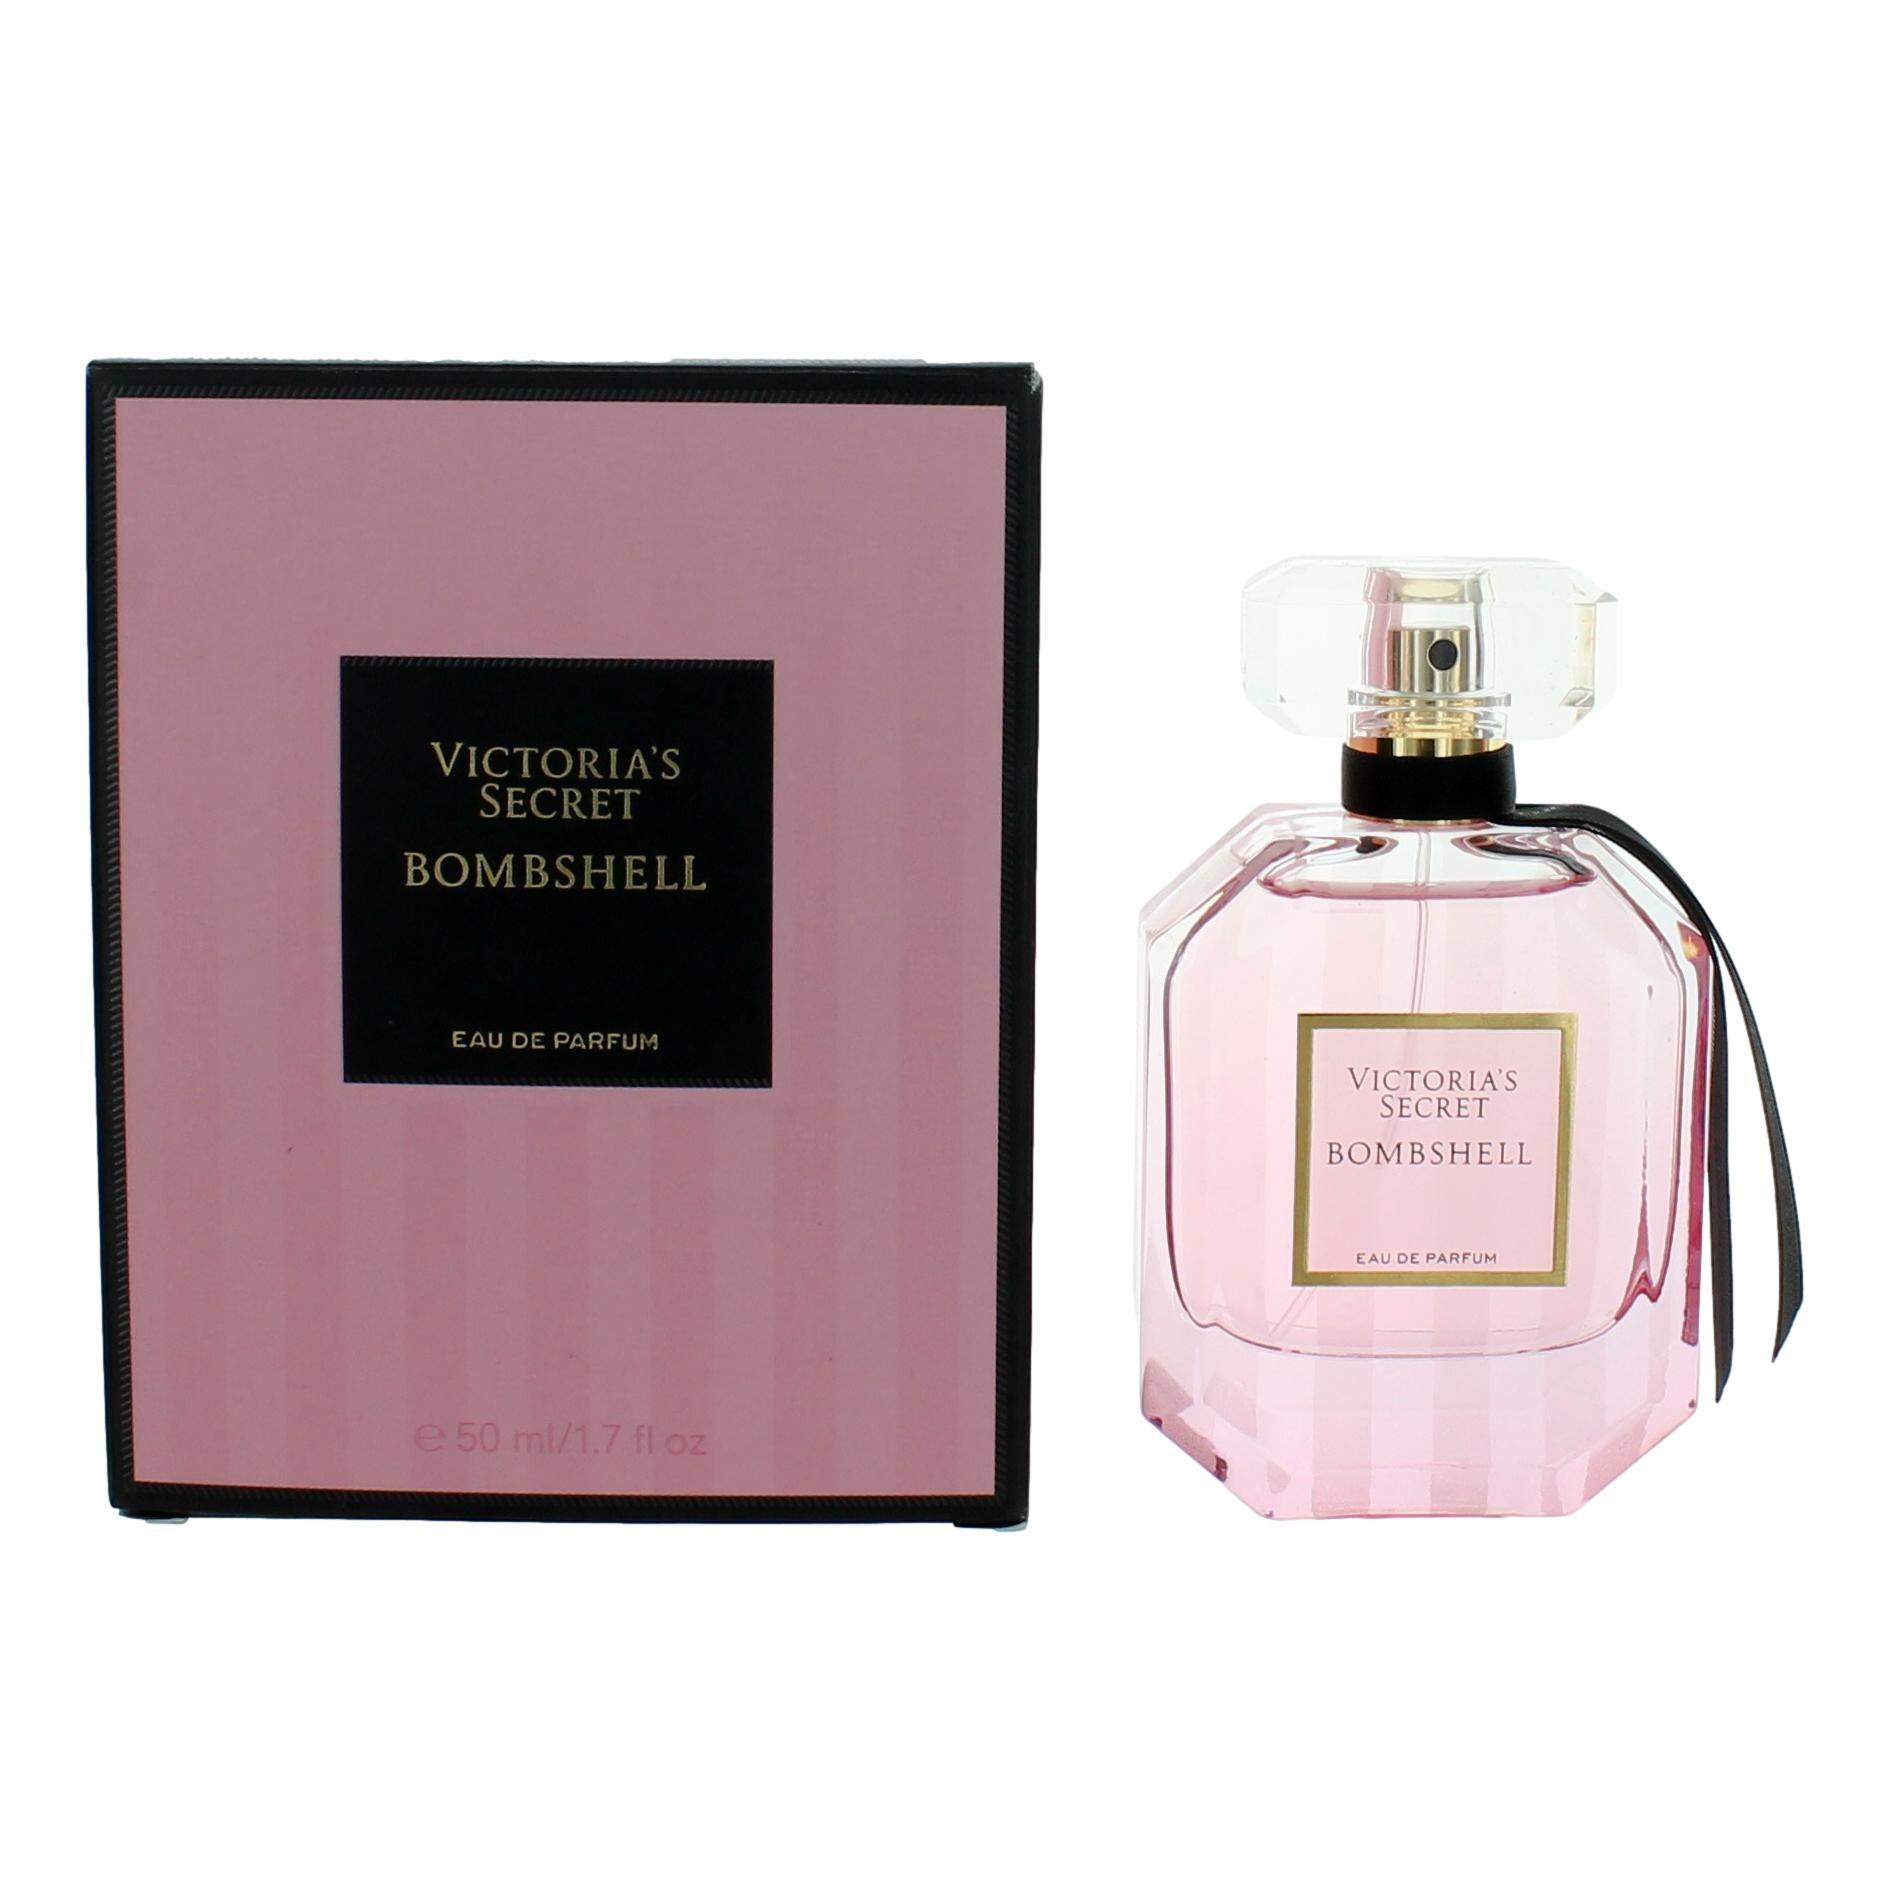 Bombshell By Victoria's Secret, 1.7 Oz Edp Spray For Women